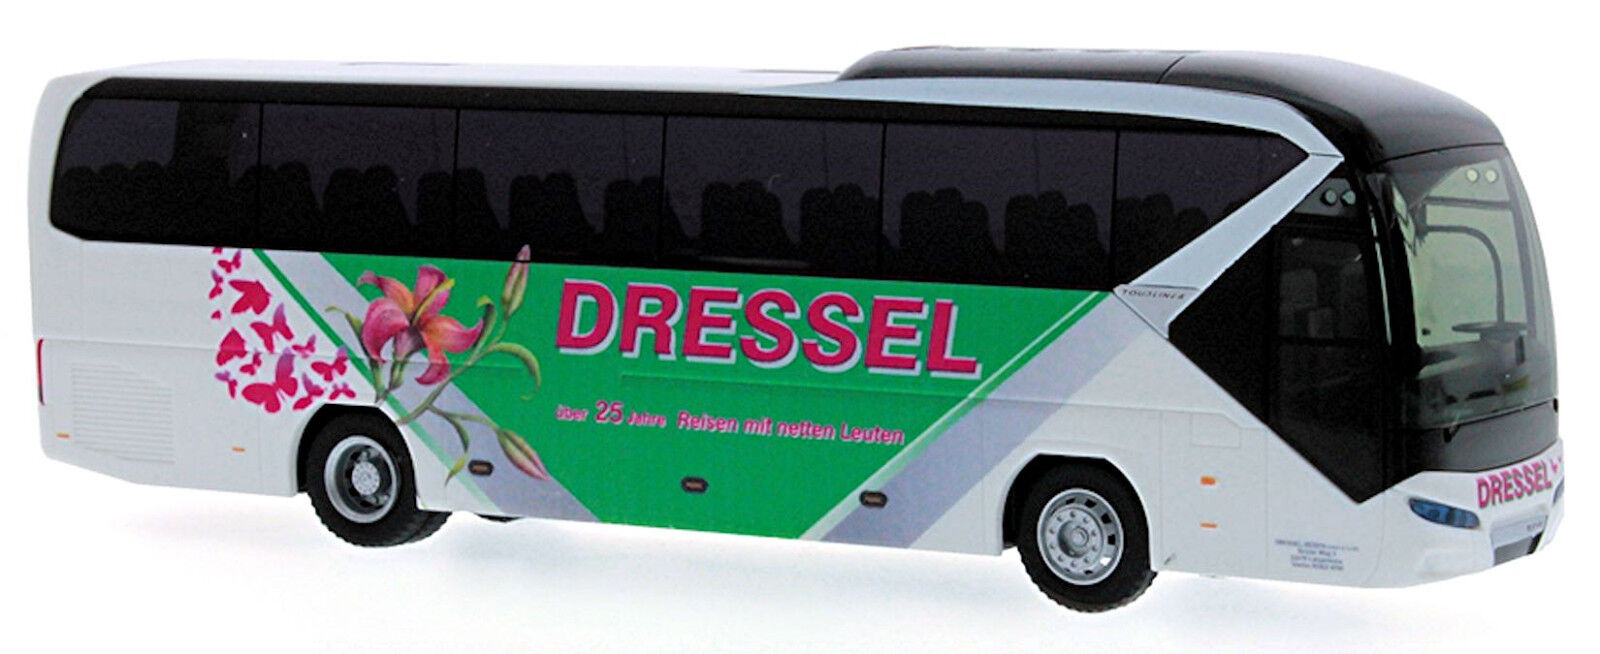 Neoplan Tourer '16 Dressel Viajes Langerwehe 1 87 Rietze 73817